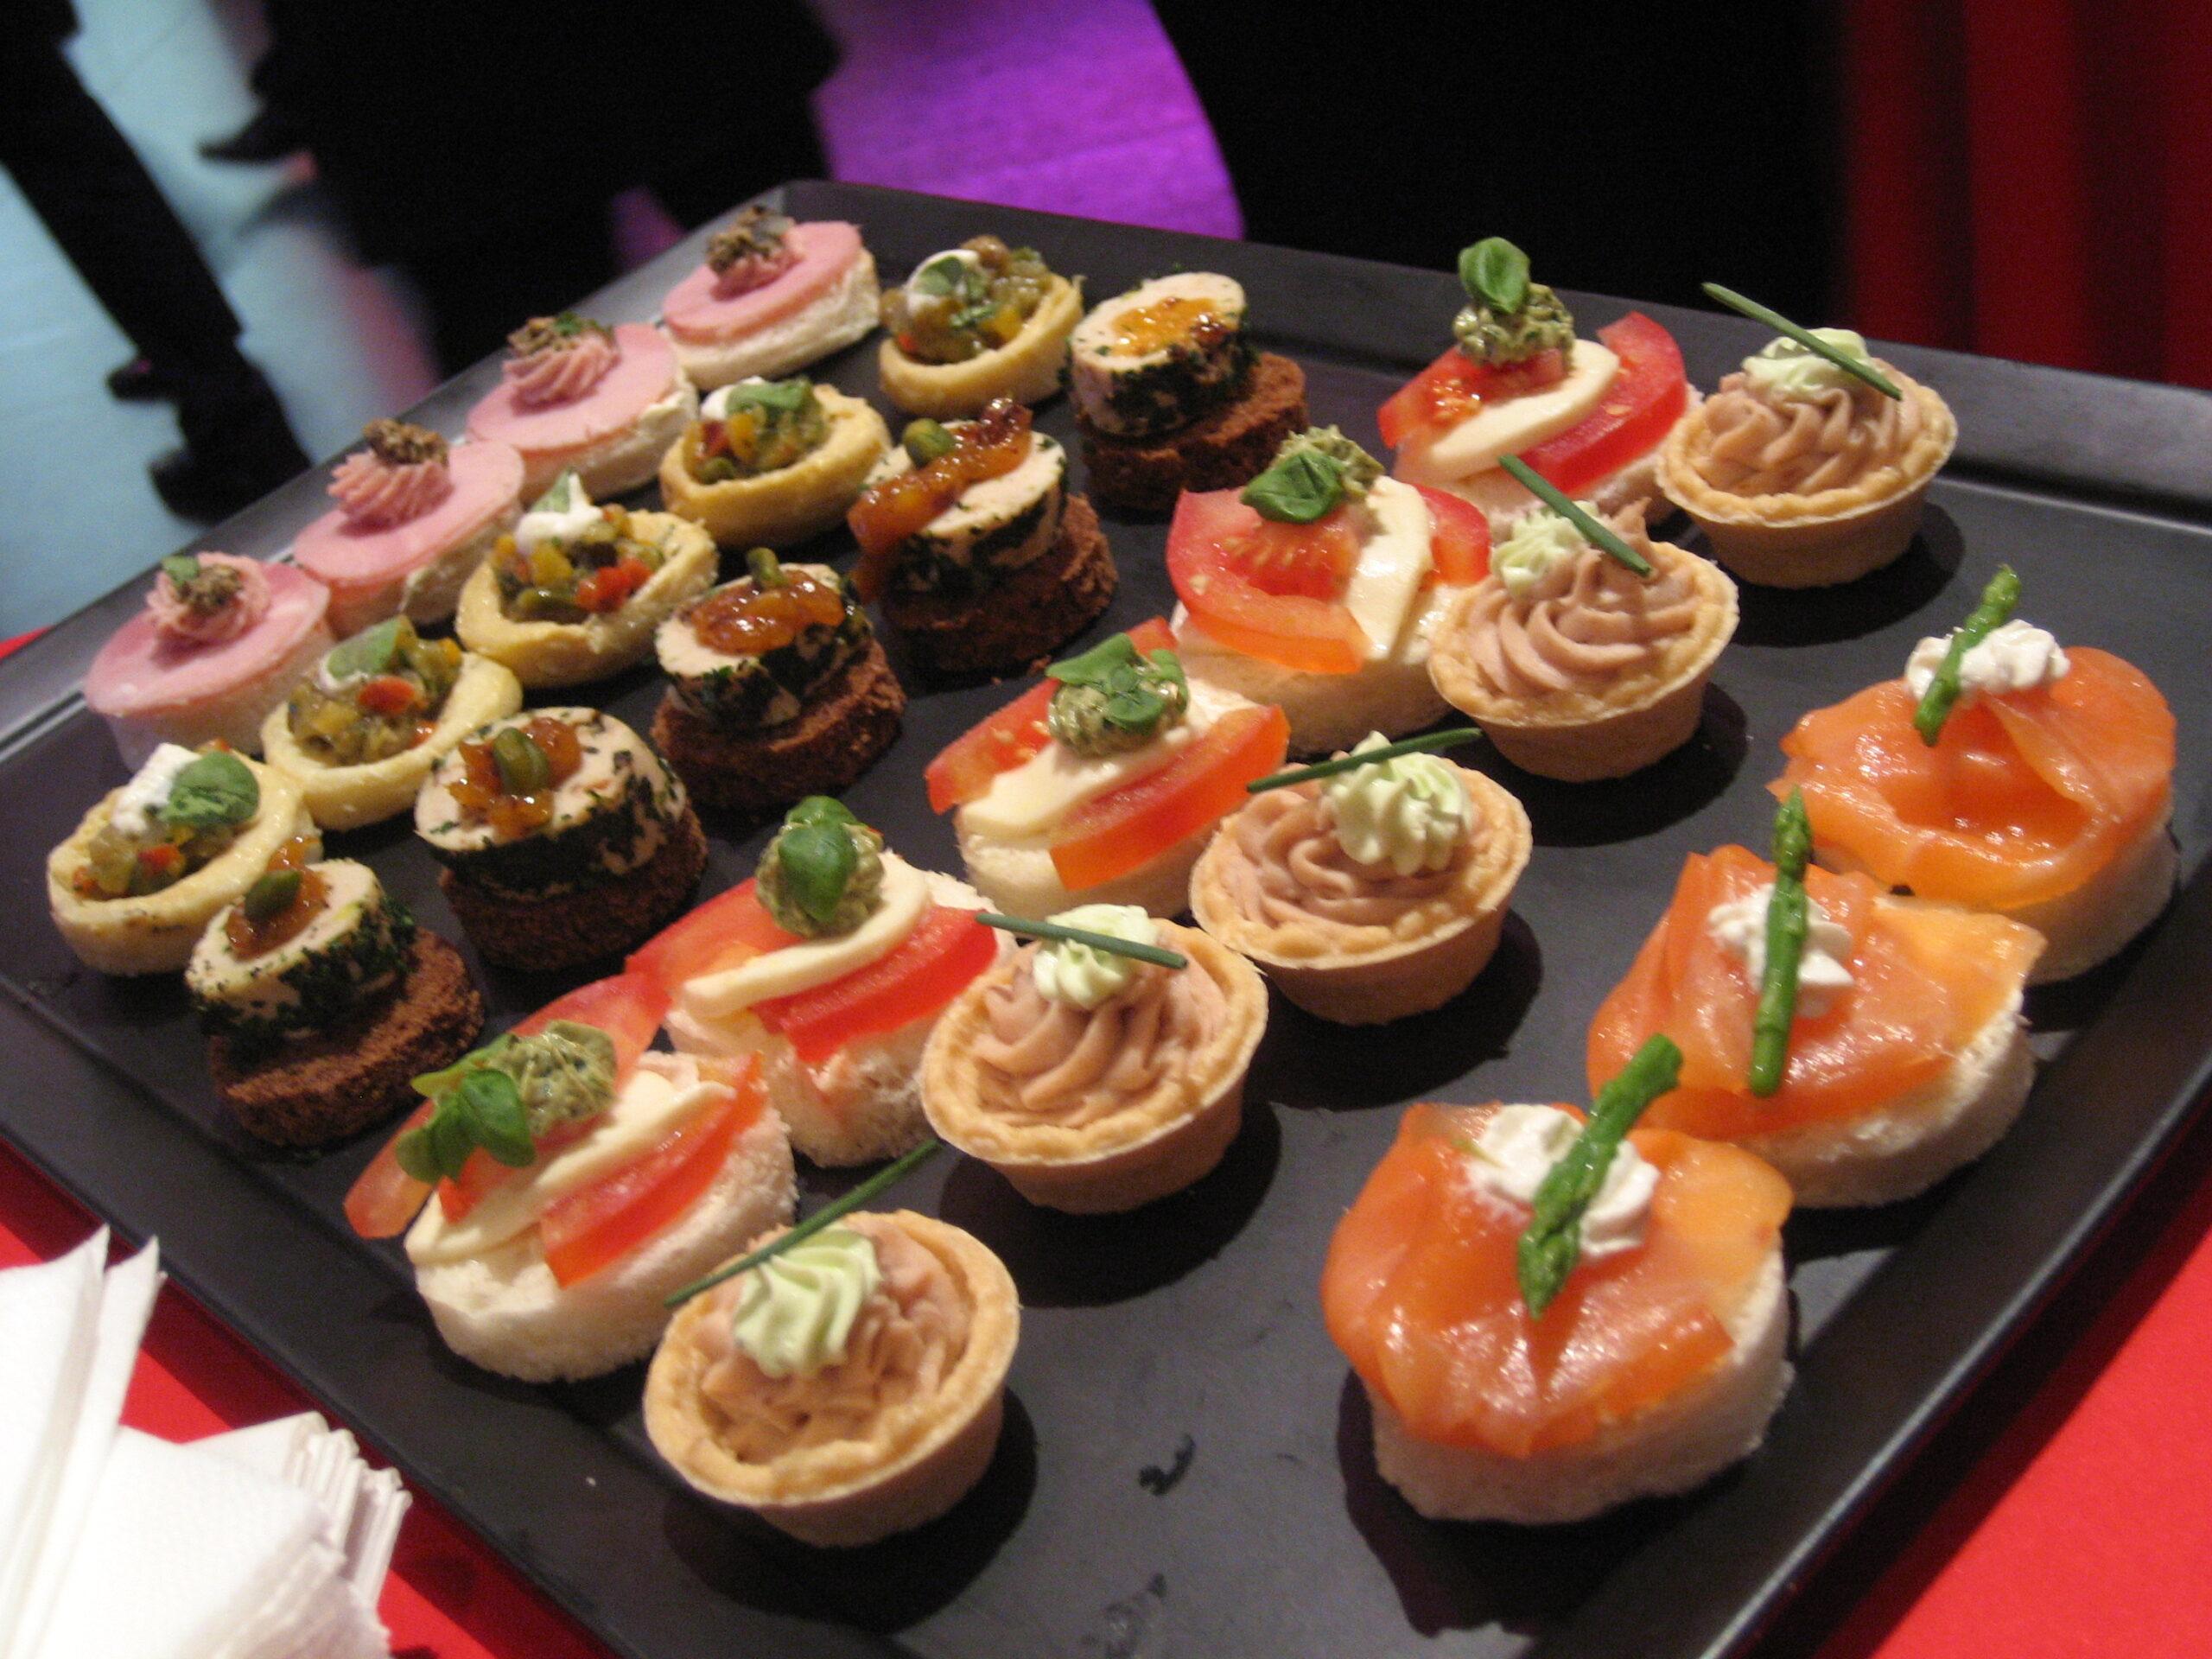 Eine Platte mit Hors d'oeuvre (kleine Snacks oder Appetit-Anreger)